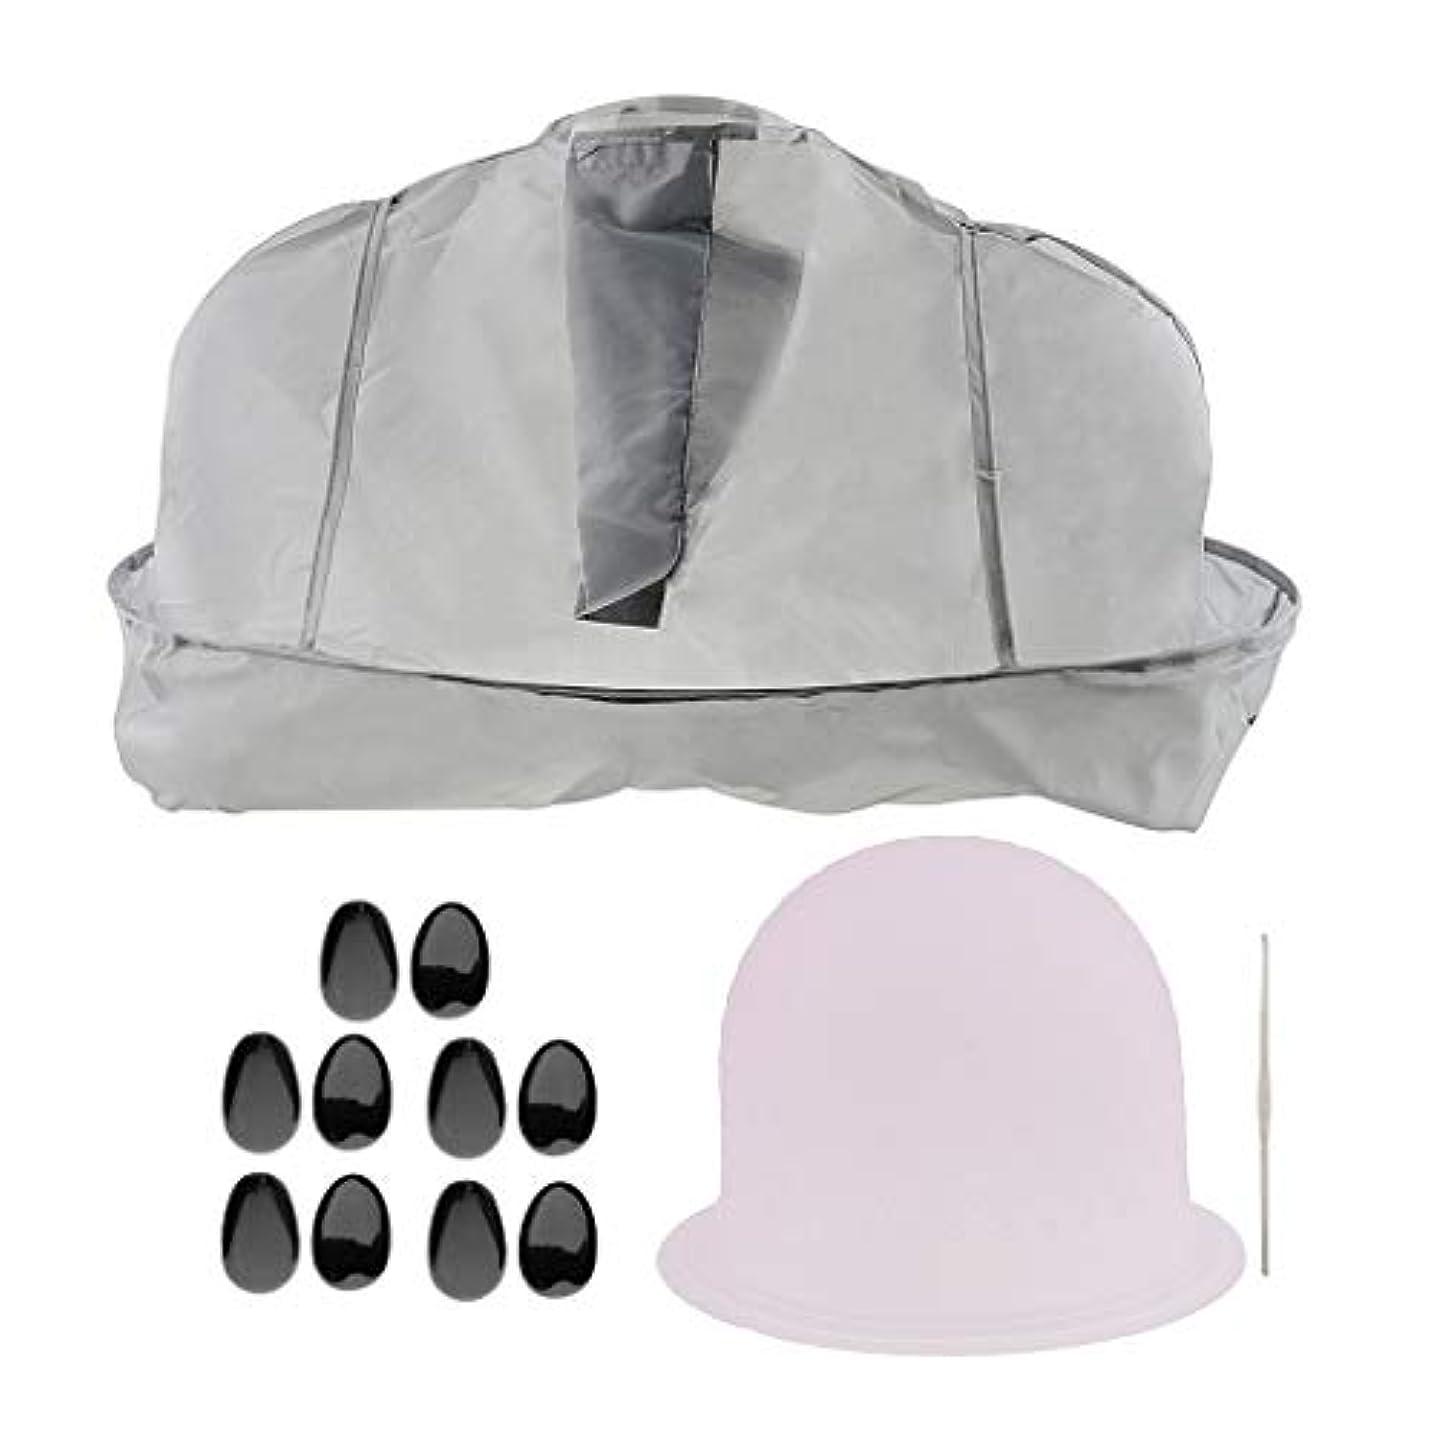 任命する顧問管理しますヘアティントキャップ メタルフック 美容ケープ 髪染め耳カバー サロン